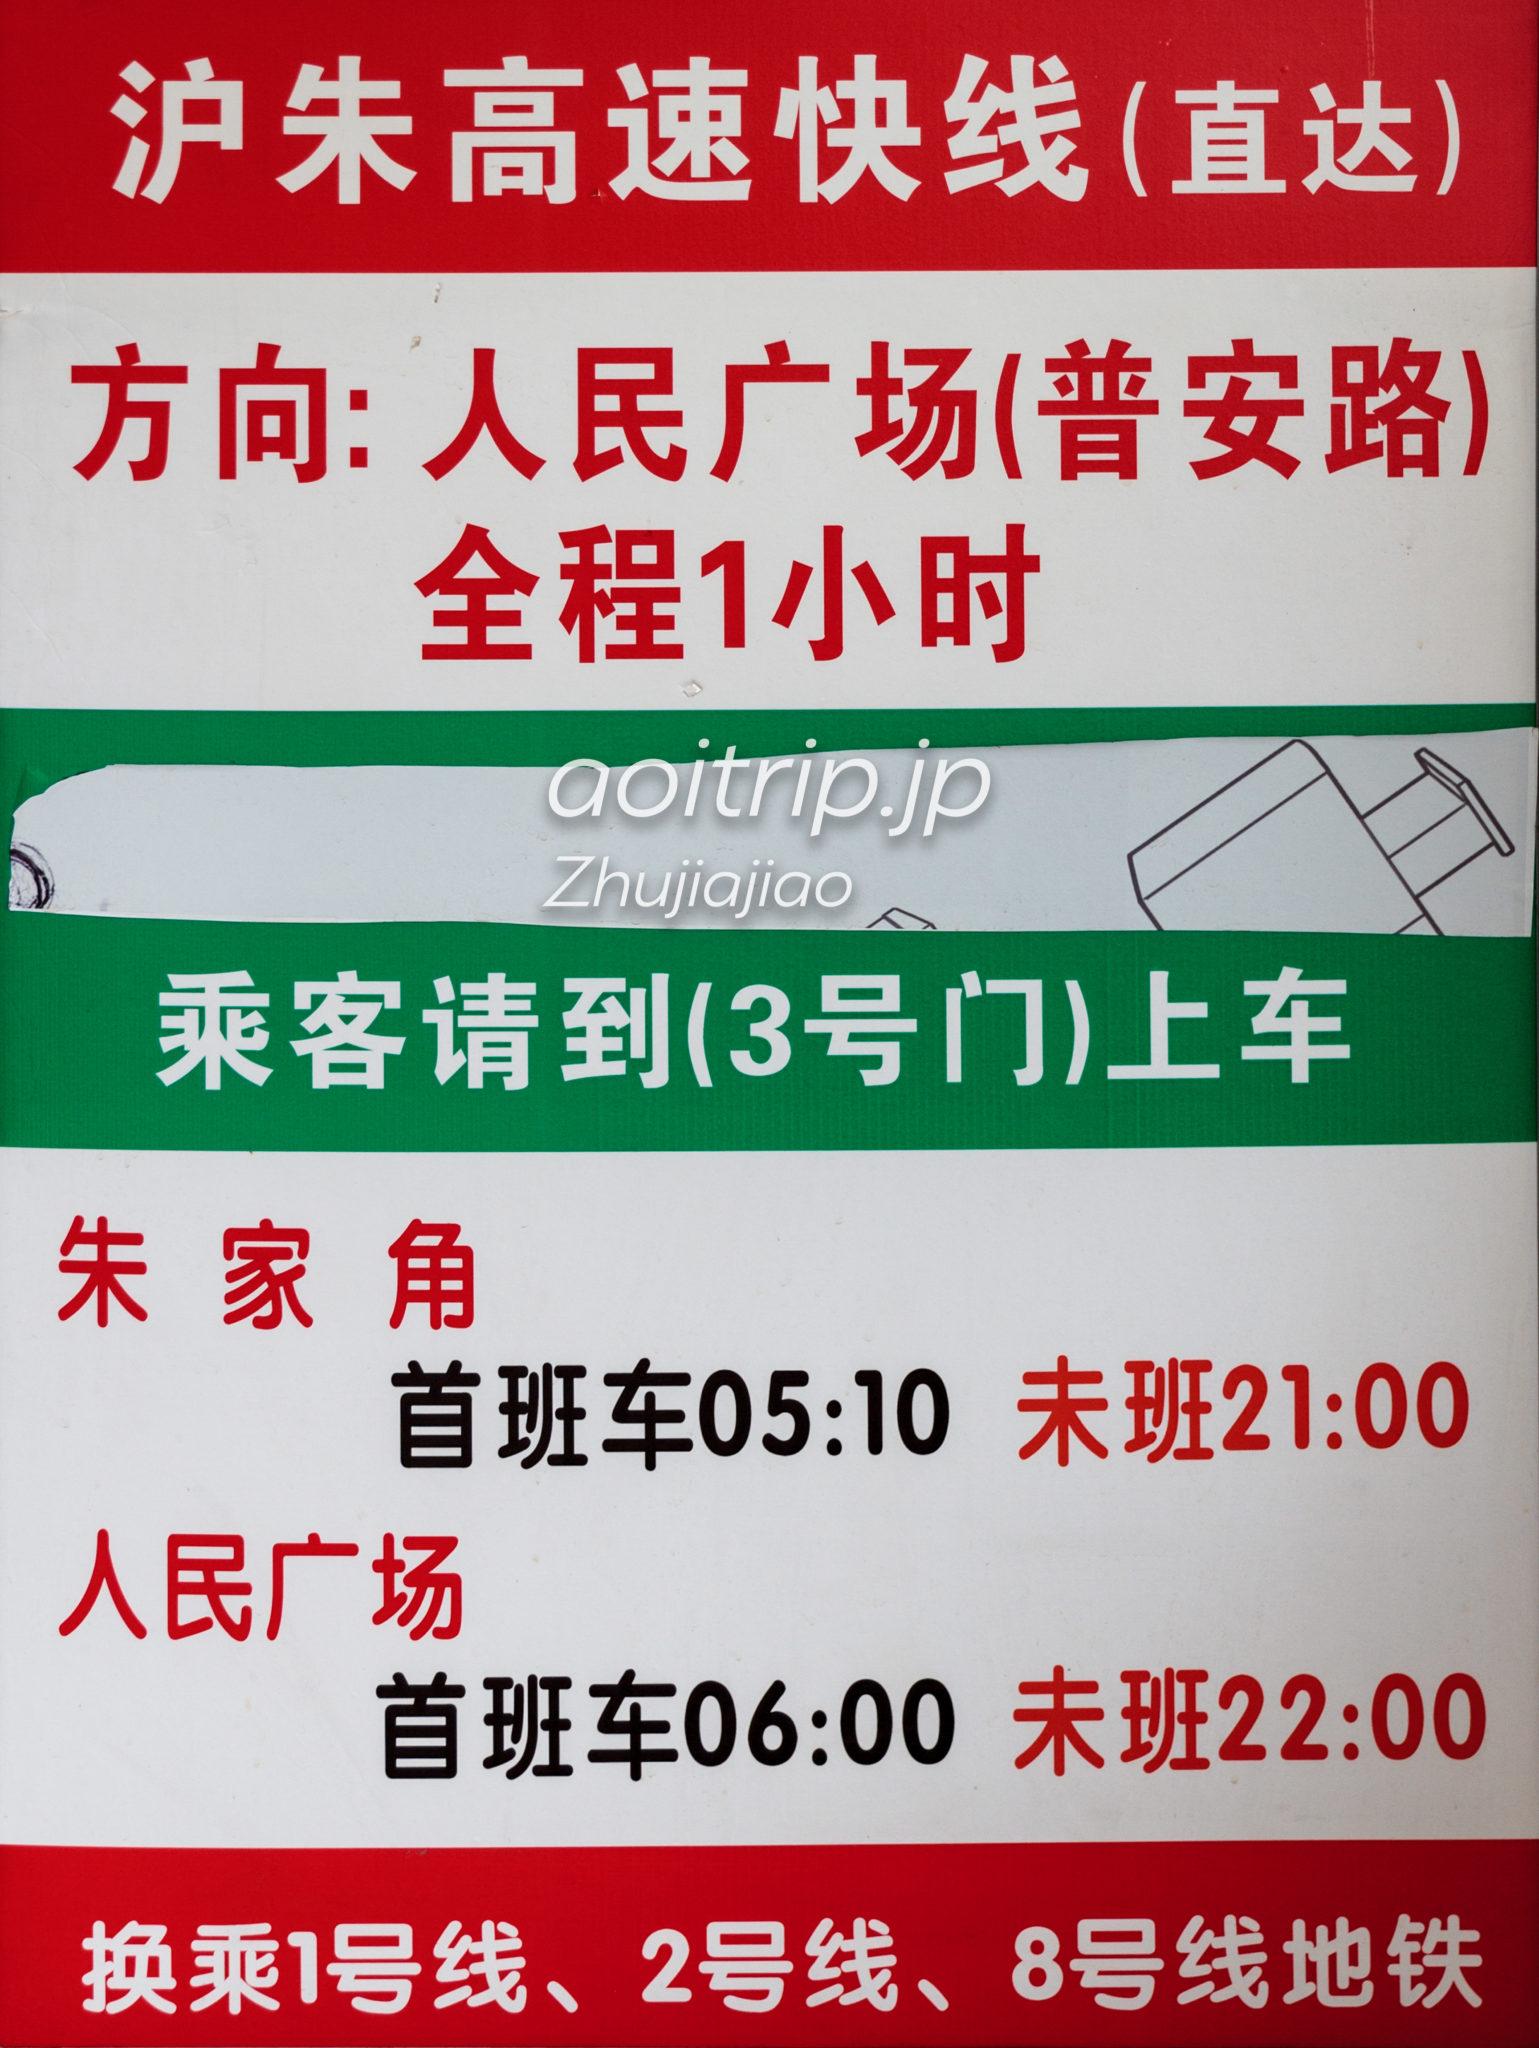 沪朱高速快線 上海普安路広場ー朱家角バス時刻表